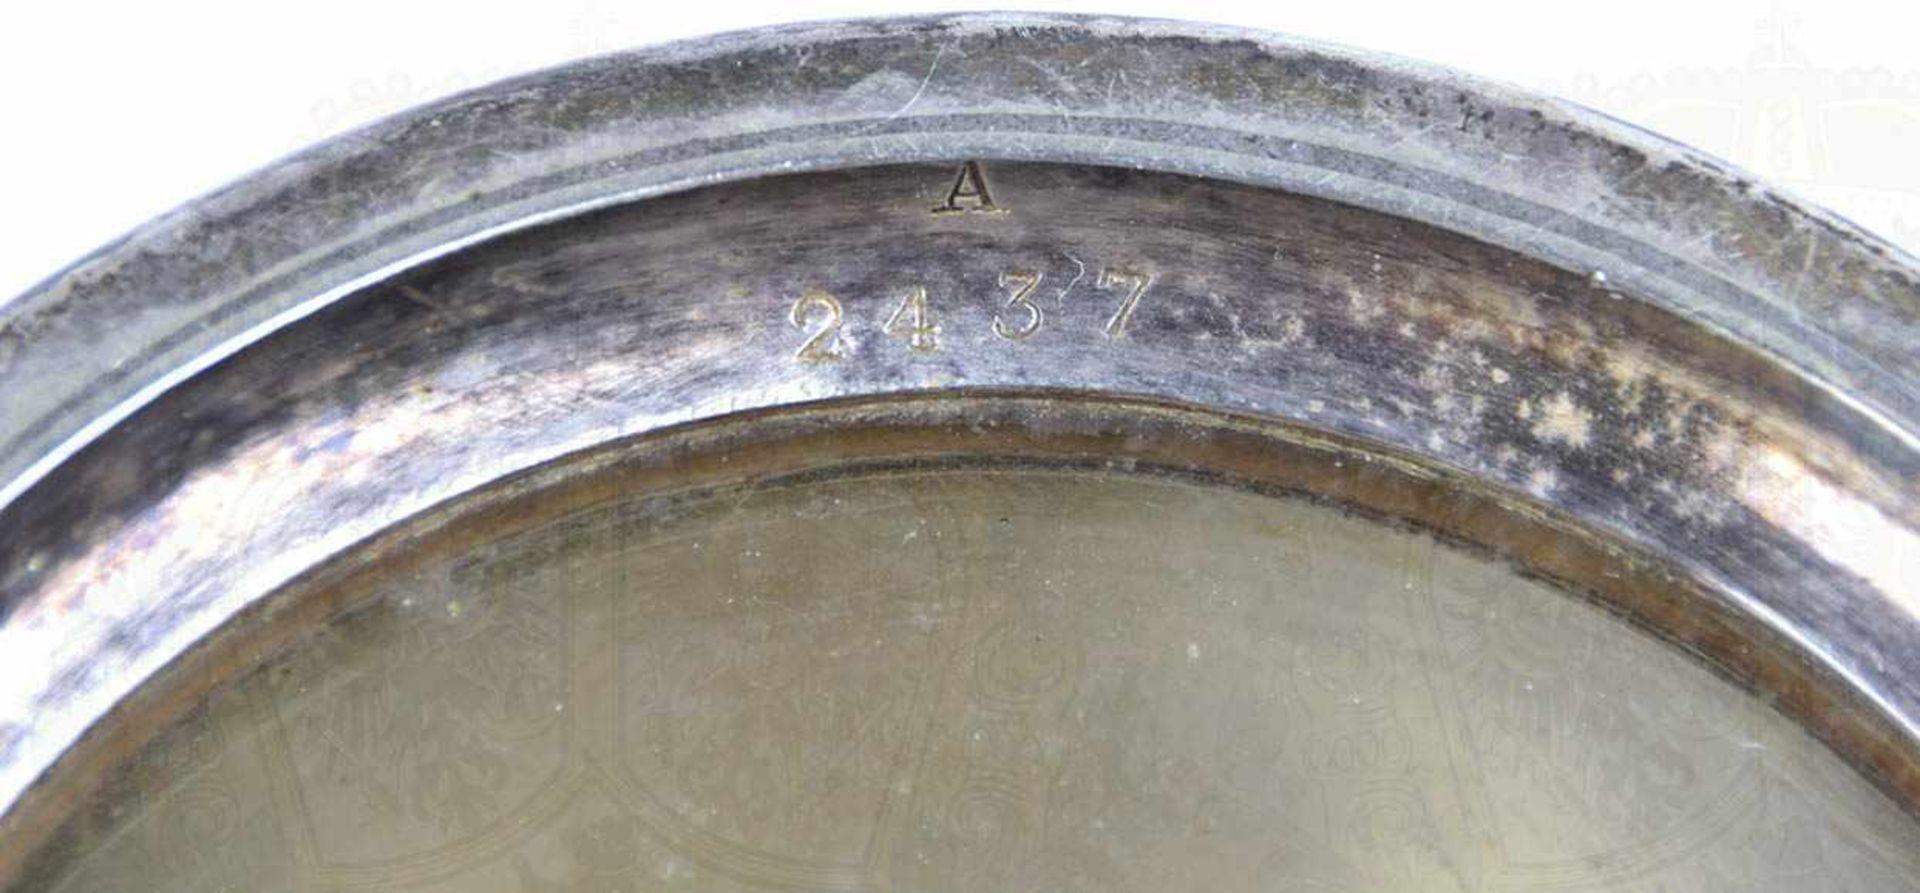 """SILVER-PLATED-BIERKRUG, 1/2 L., Hersteller """"Elkington &. Co."""" sowie """"A 2437"""" im Bodenrand, Henkel - Bild 6 aus 7"""